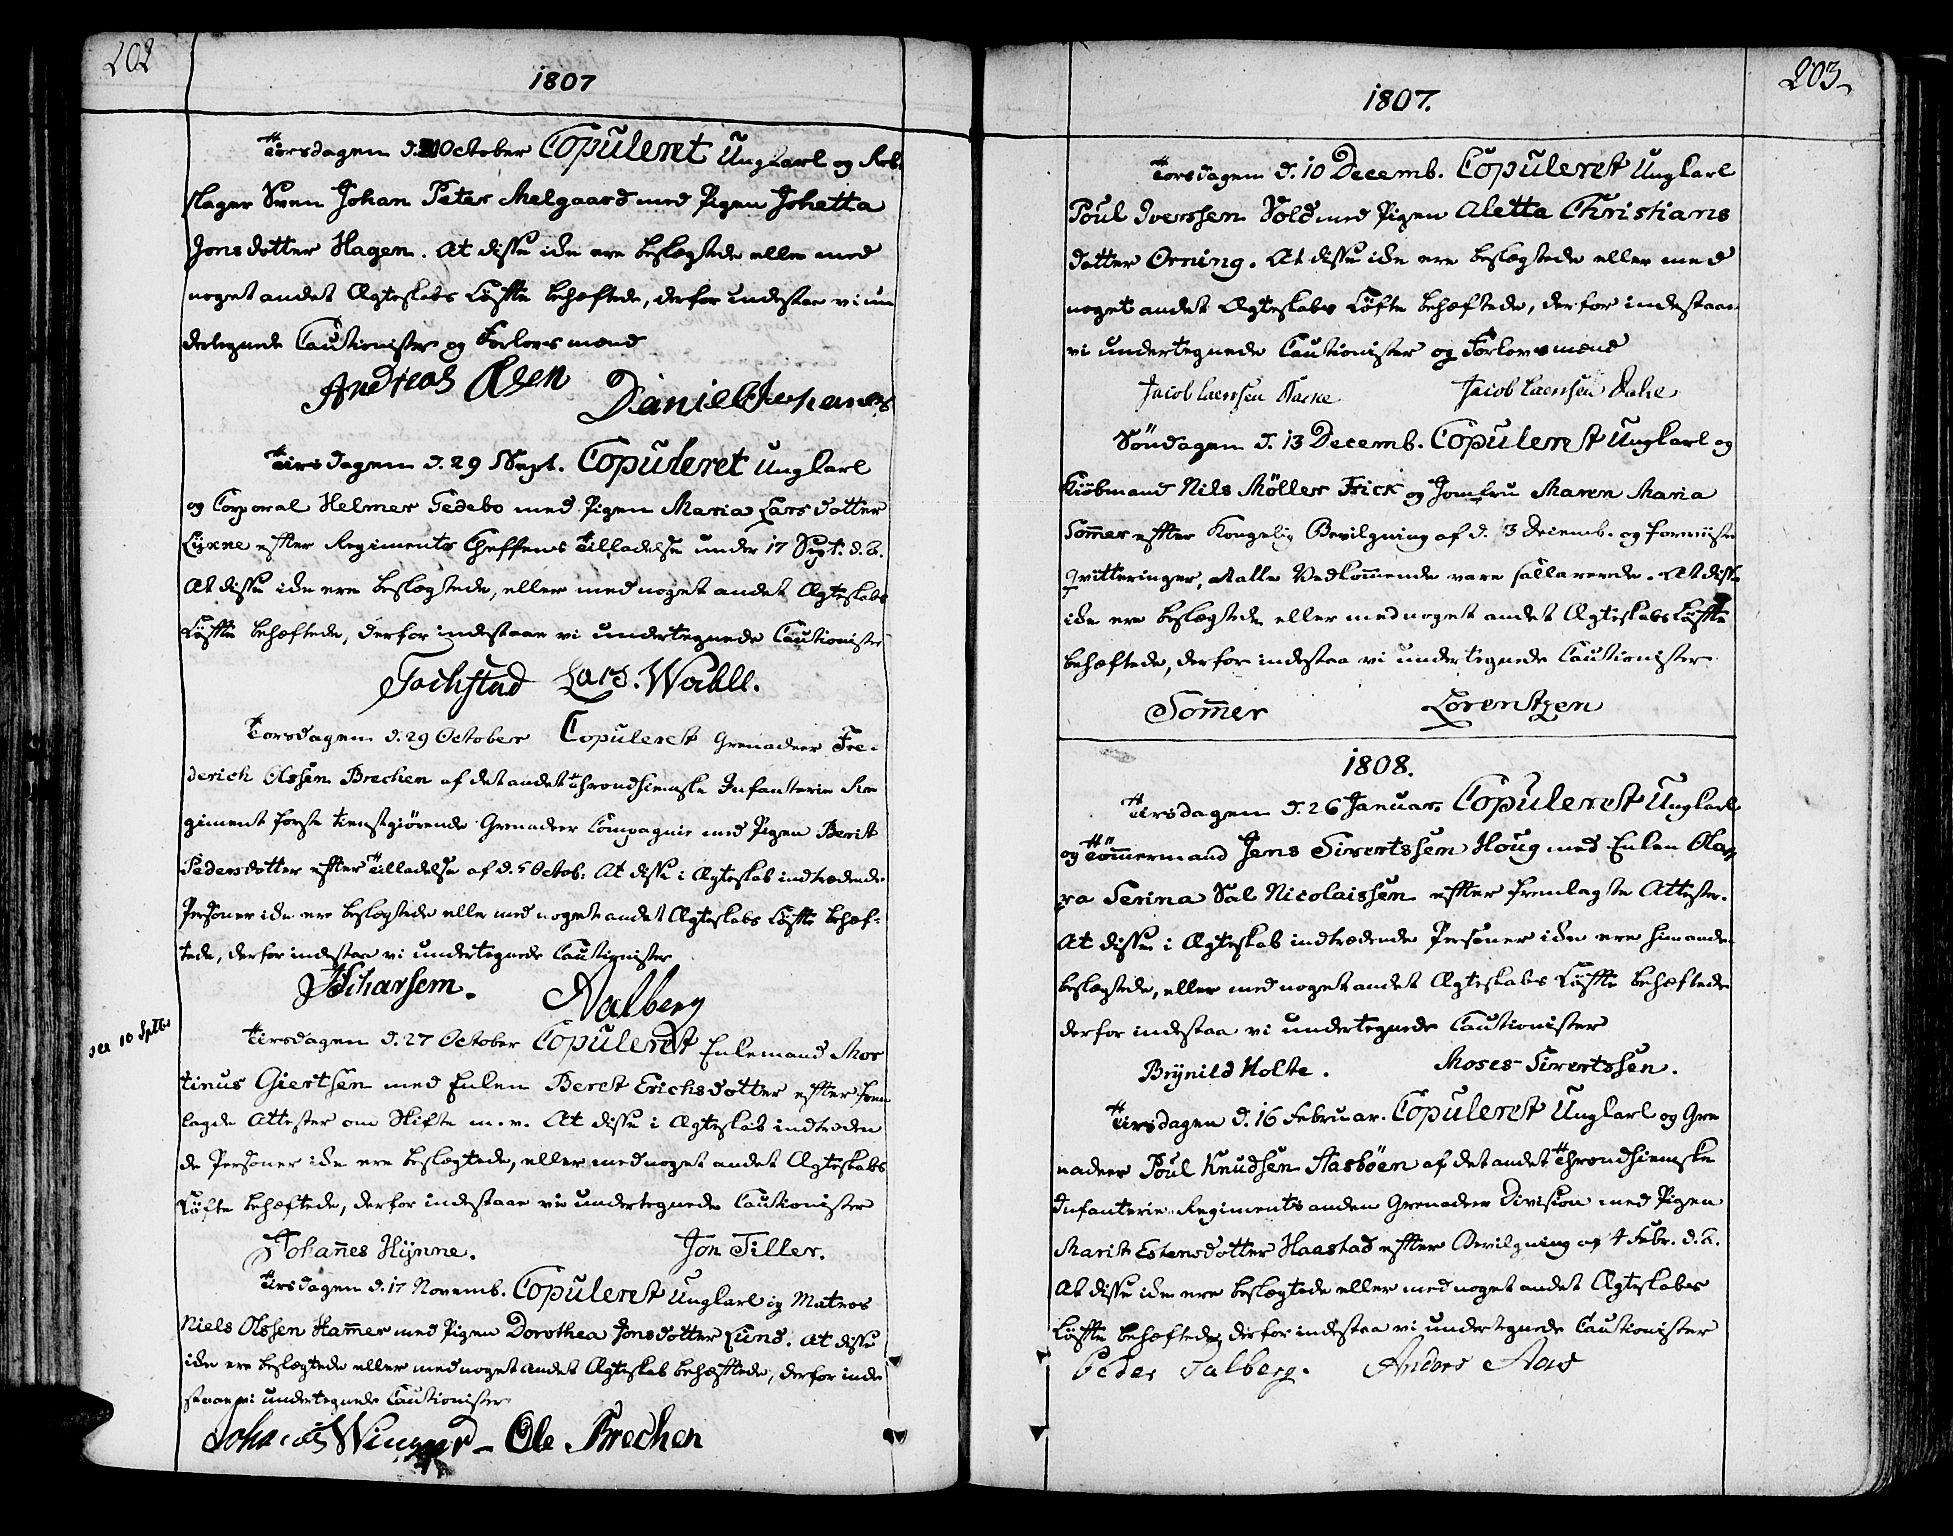 SAT, Ministerialprotokoller, klokkerbøker og fødselsregistre - Sør-Trøndelag, 602/L0105: Ministerialbok nr. 602A03, 1774-1814, s. 202-203